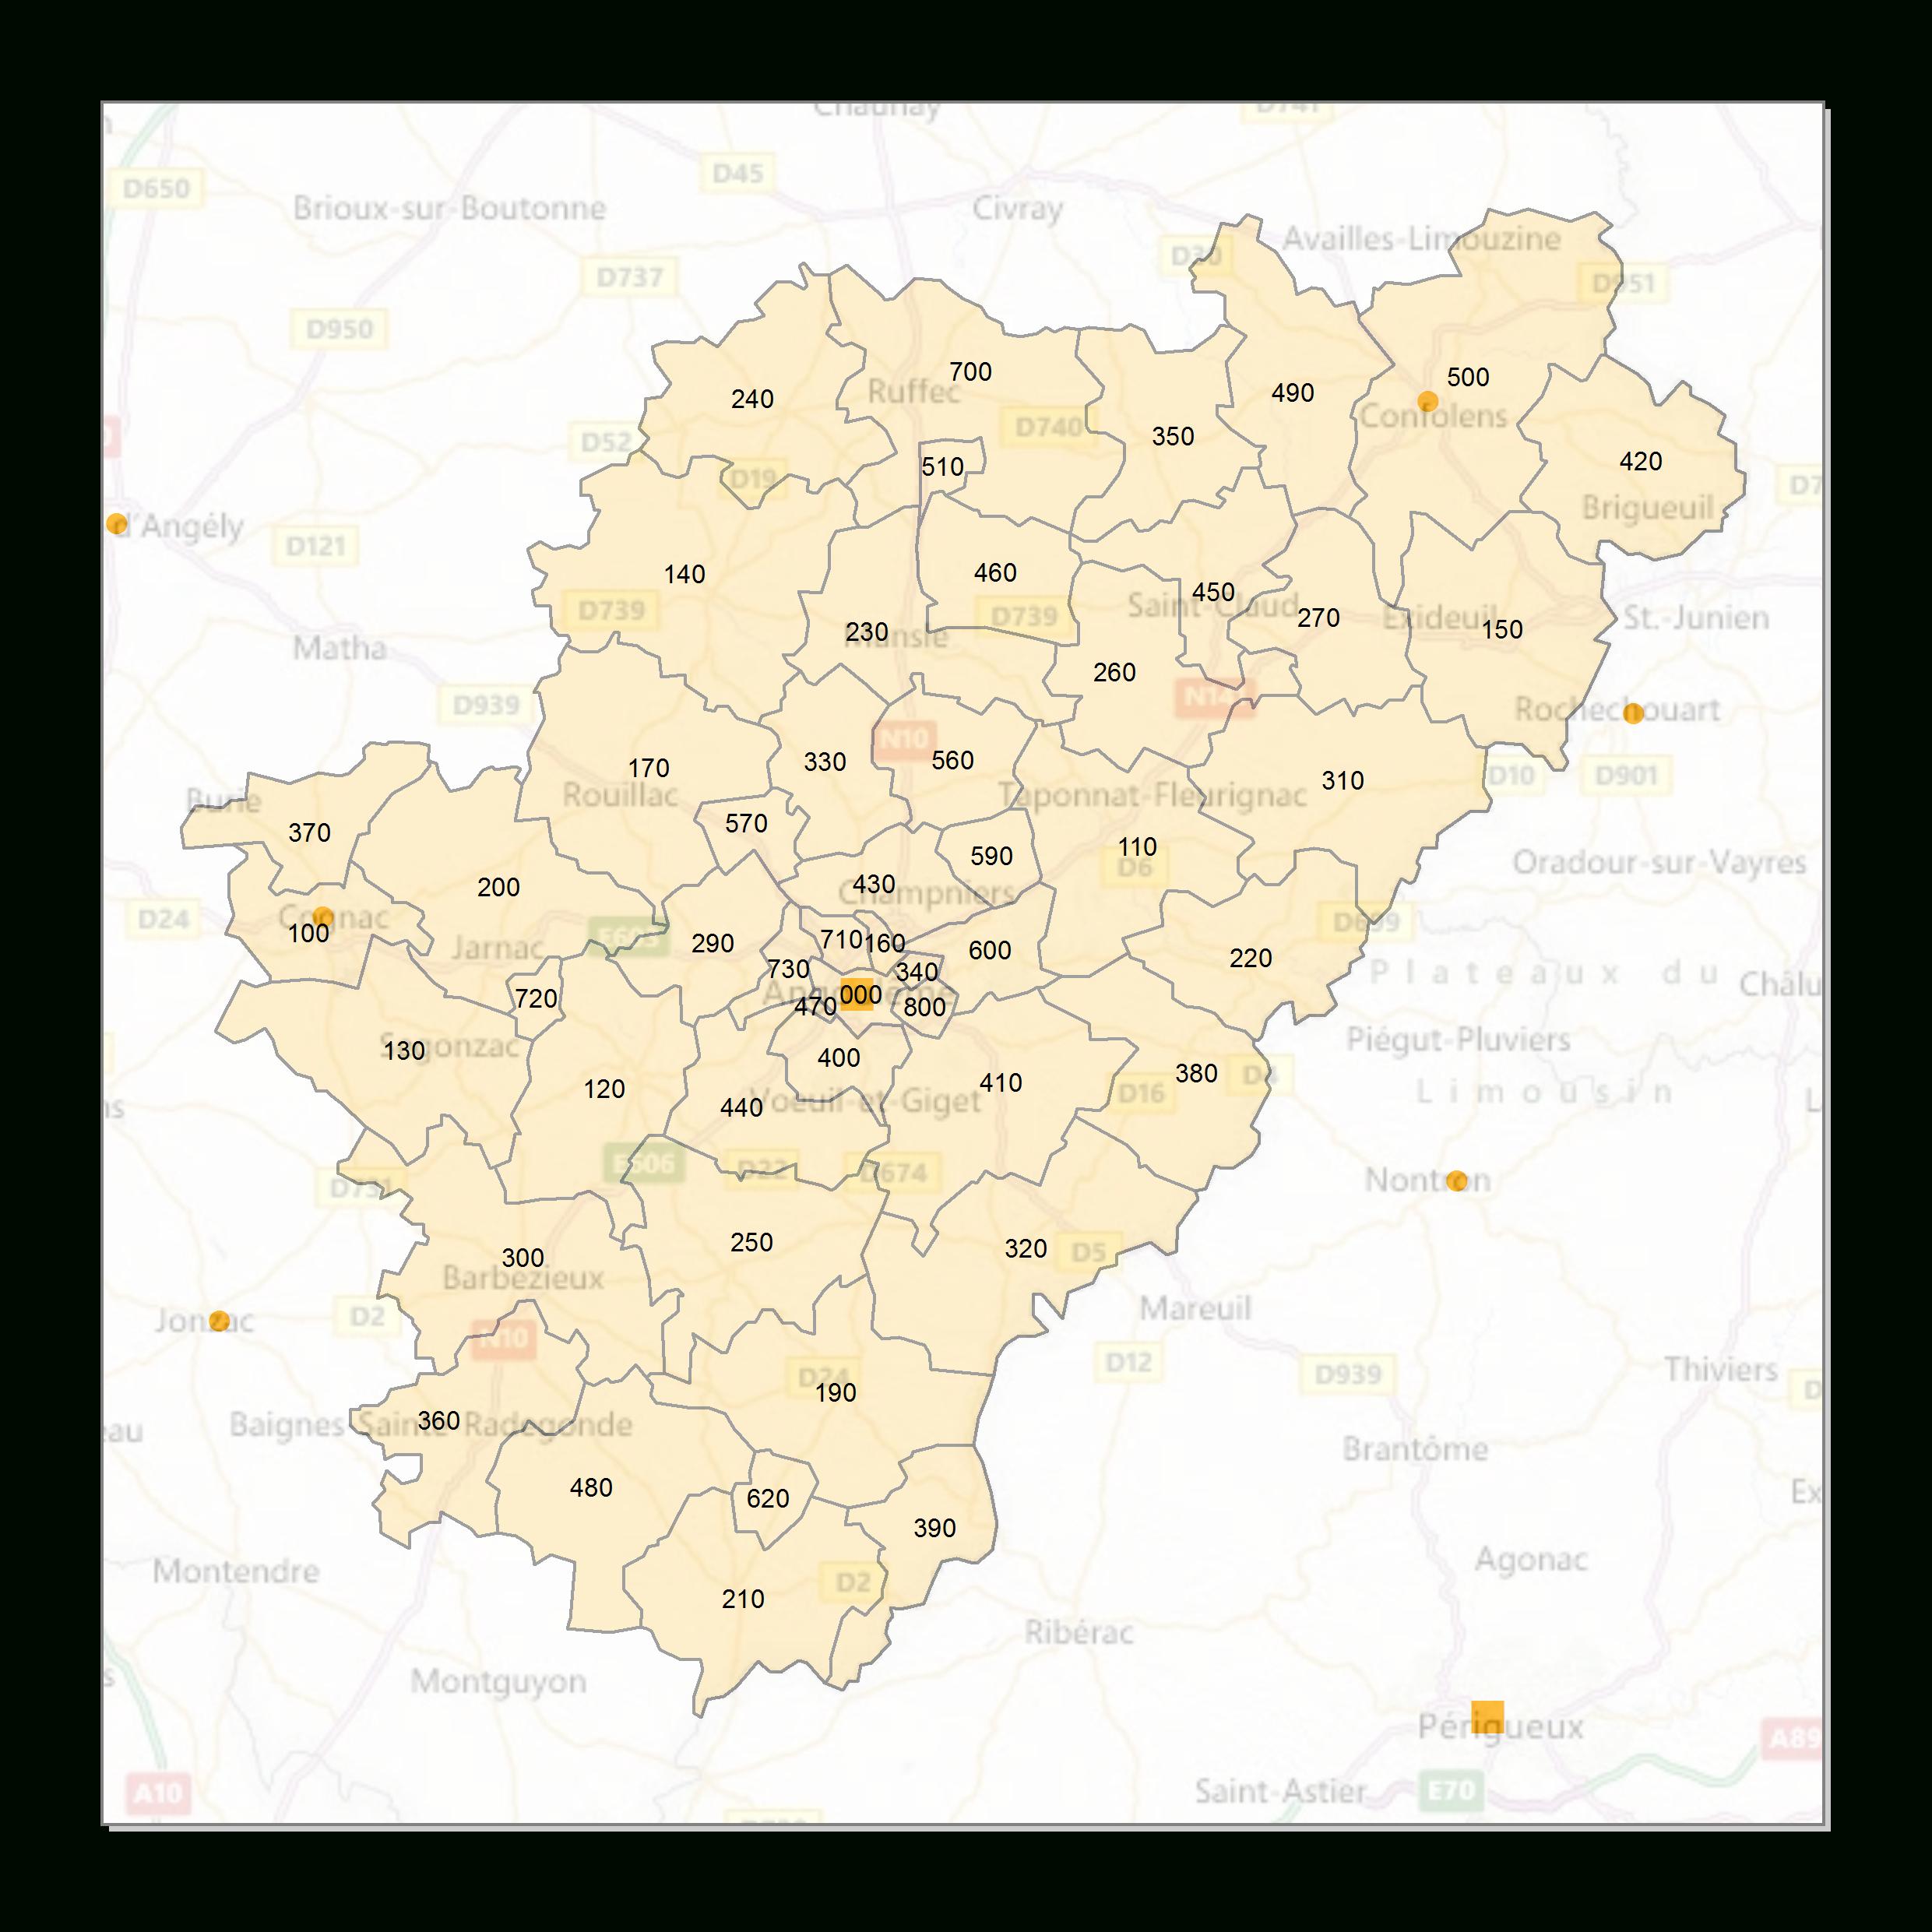 Atlas Des Codes Postaux - Cartes Des Départements De France à Carte De France Detaillée Gratuite